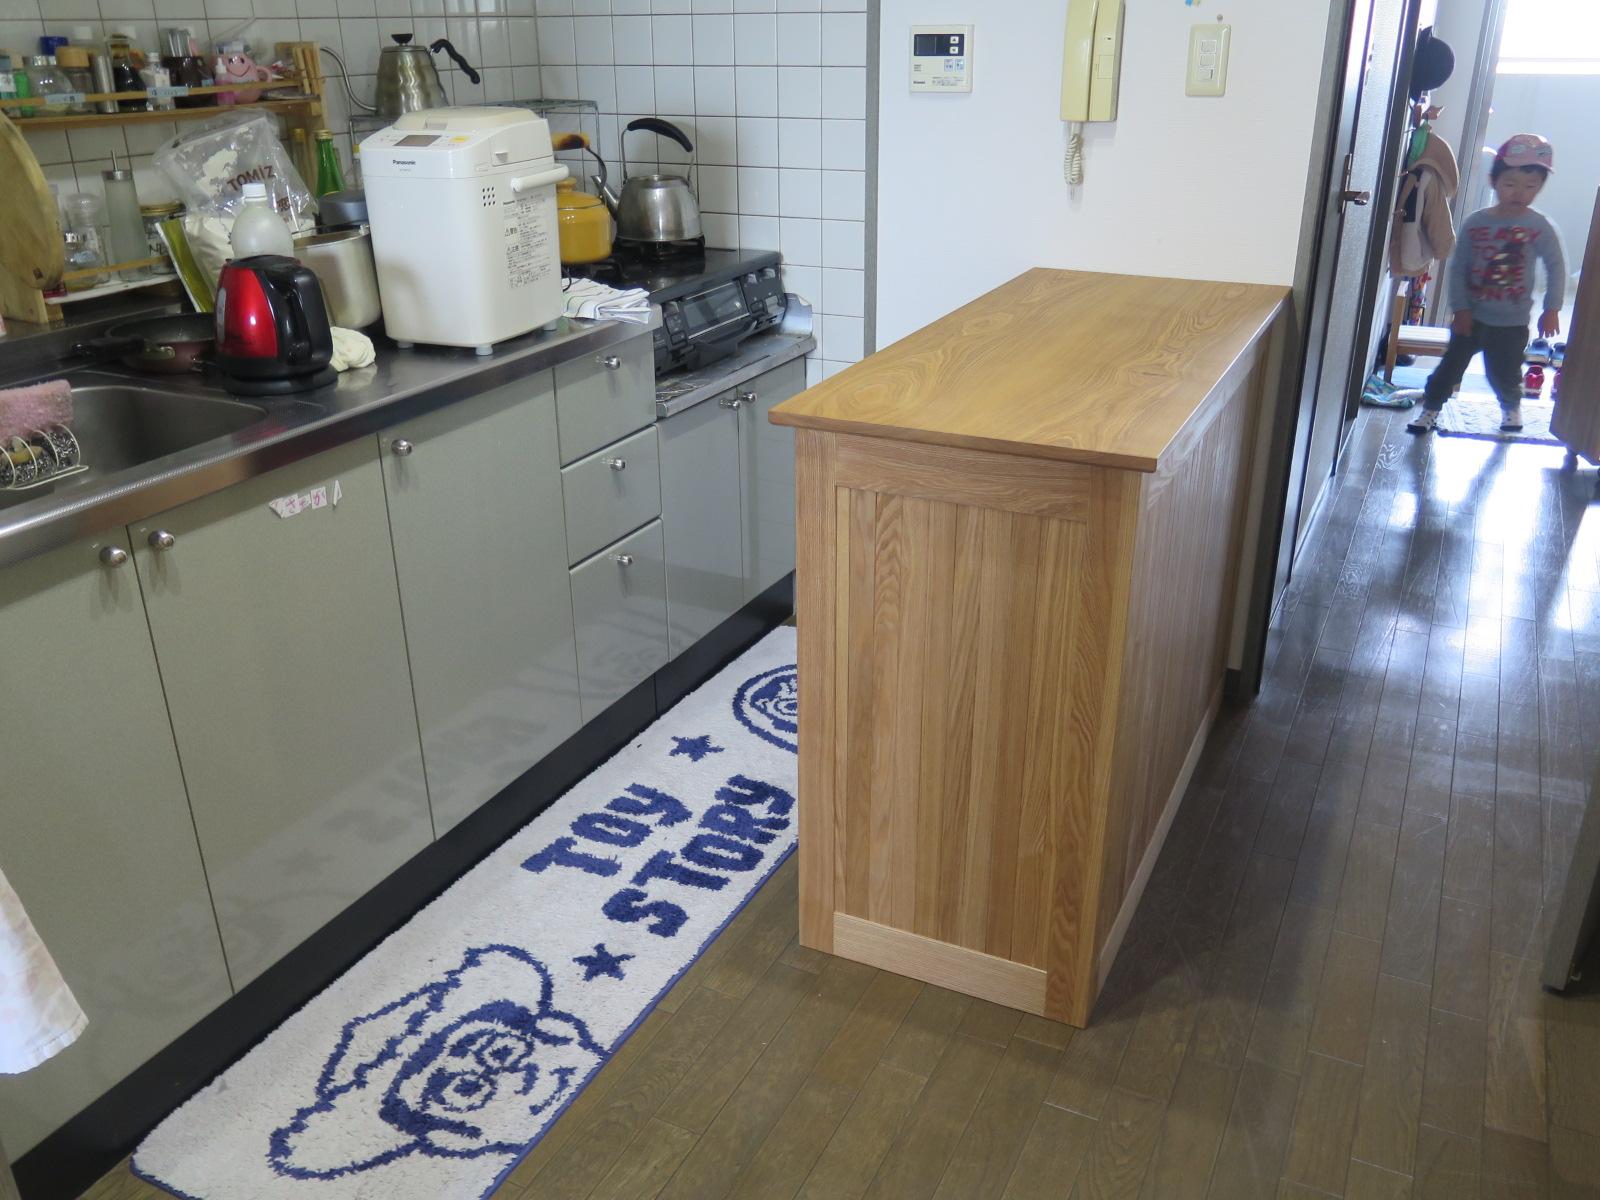 少し小さめのカウンターキッチン